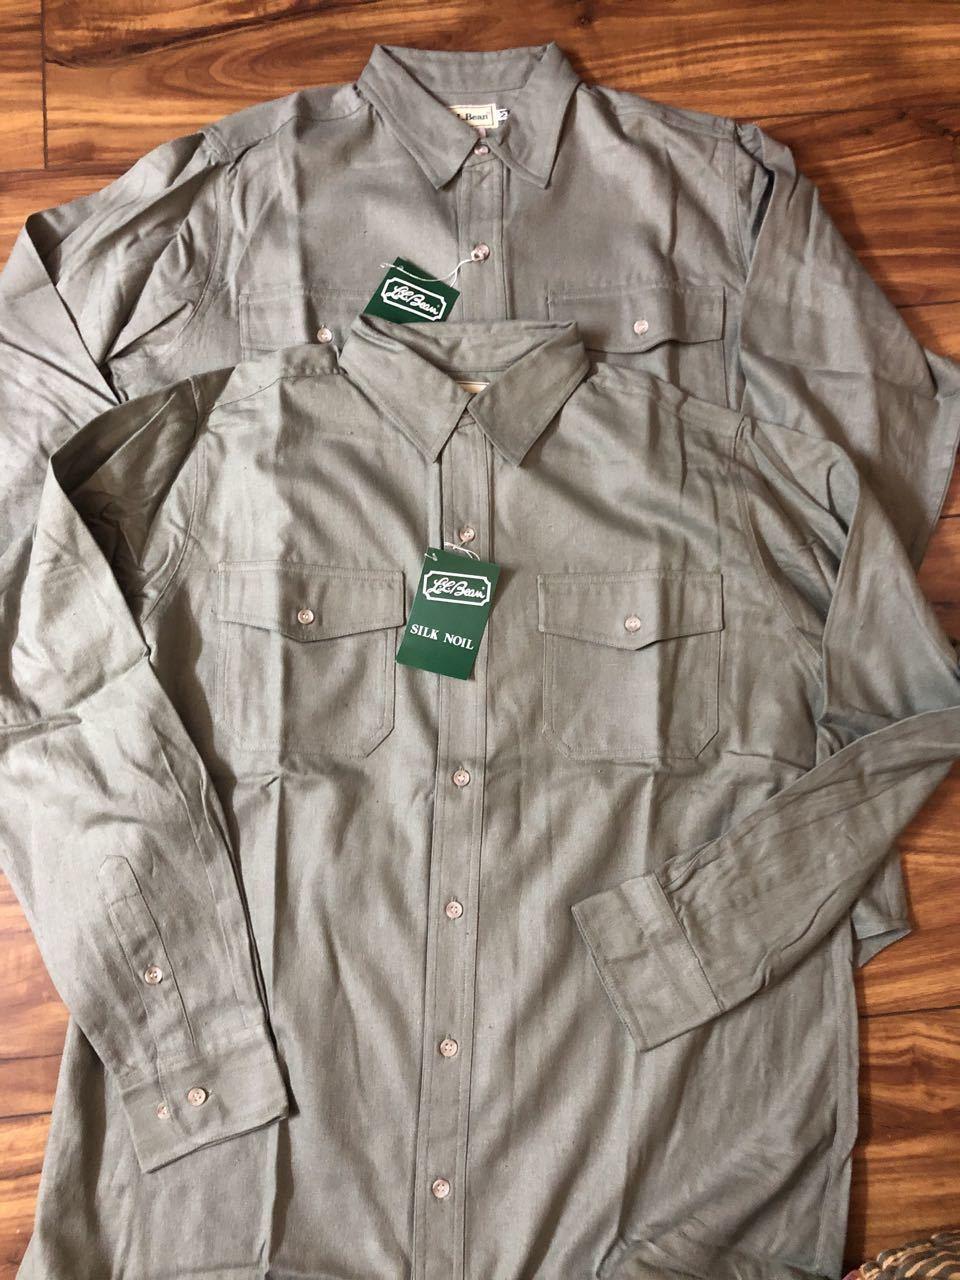 アメリカ仕入れ情報#29 3/14入荷!デッドストック 80s L.L Bean  all silk  シャツ!_c0144020_14082767.jpg